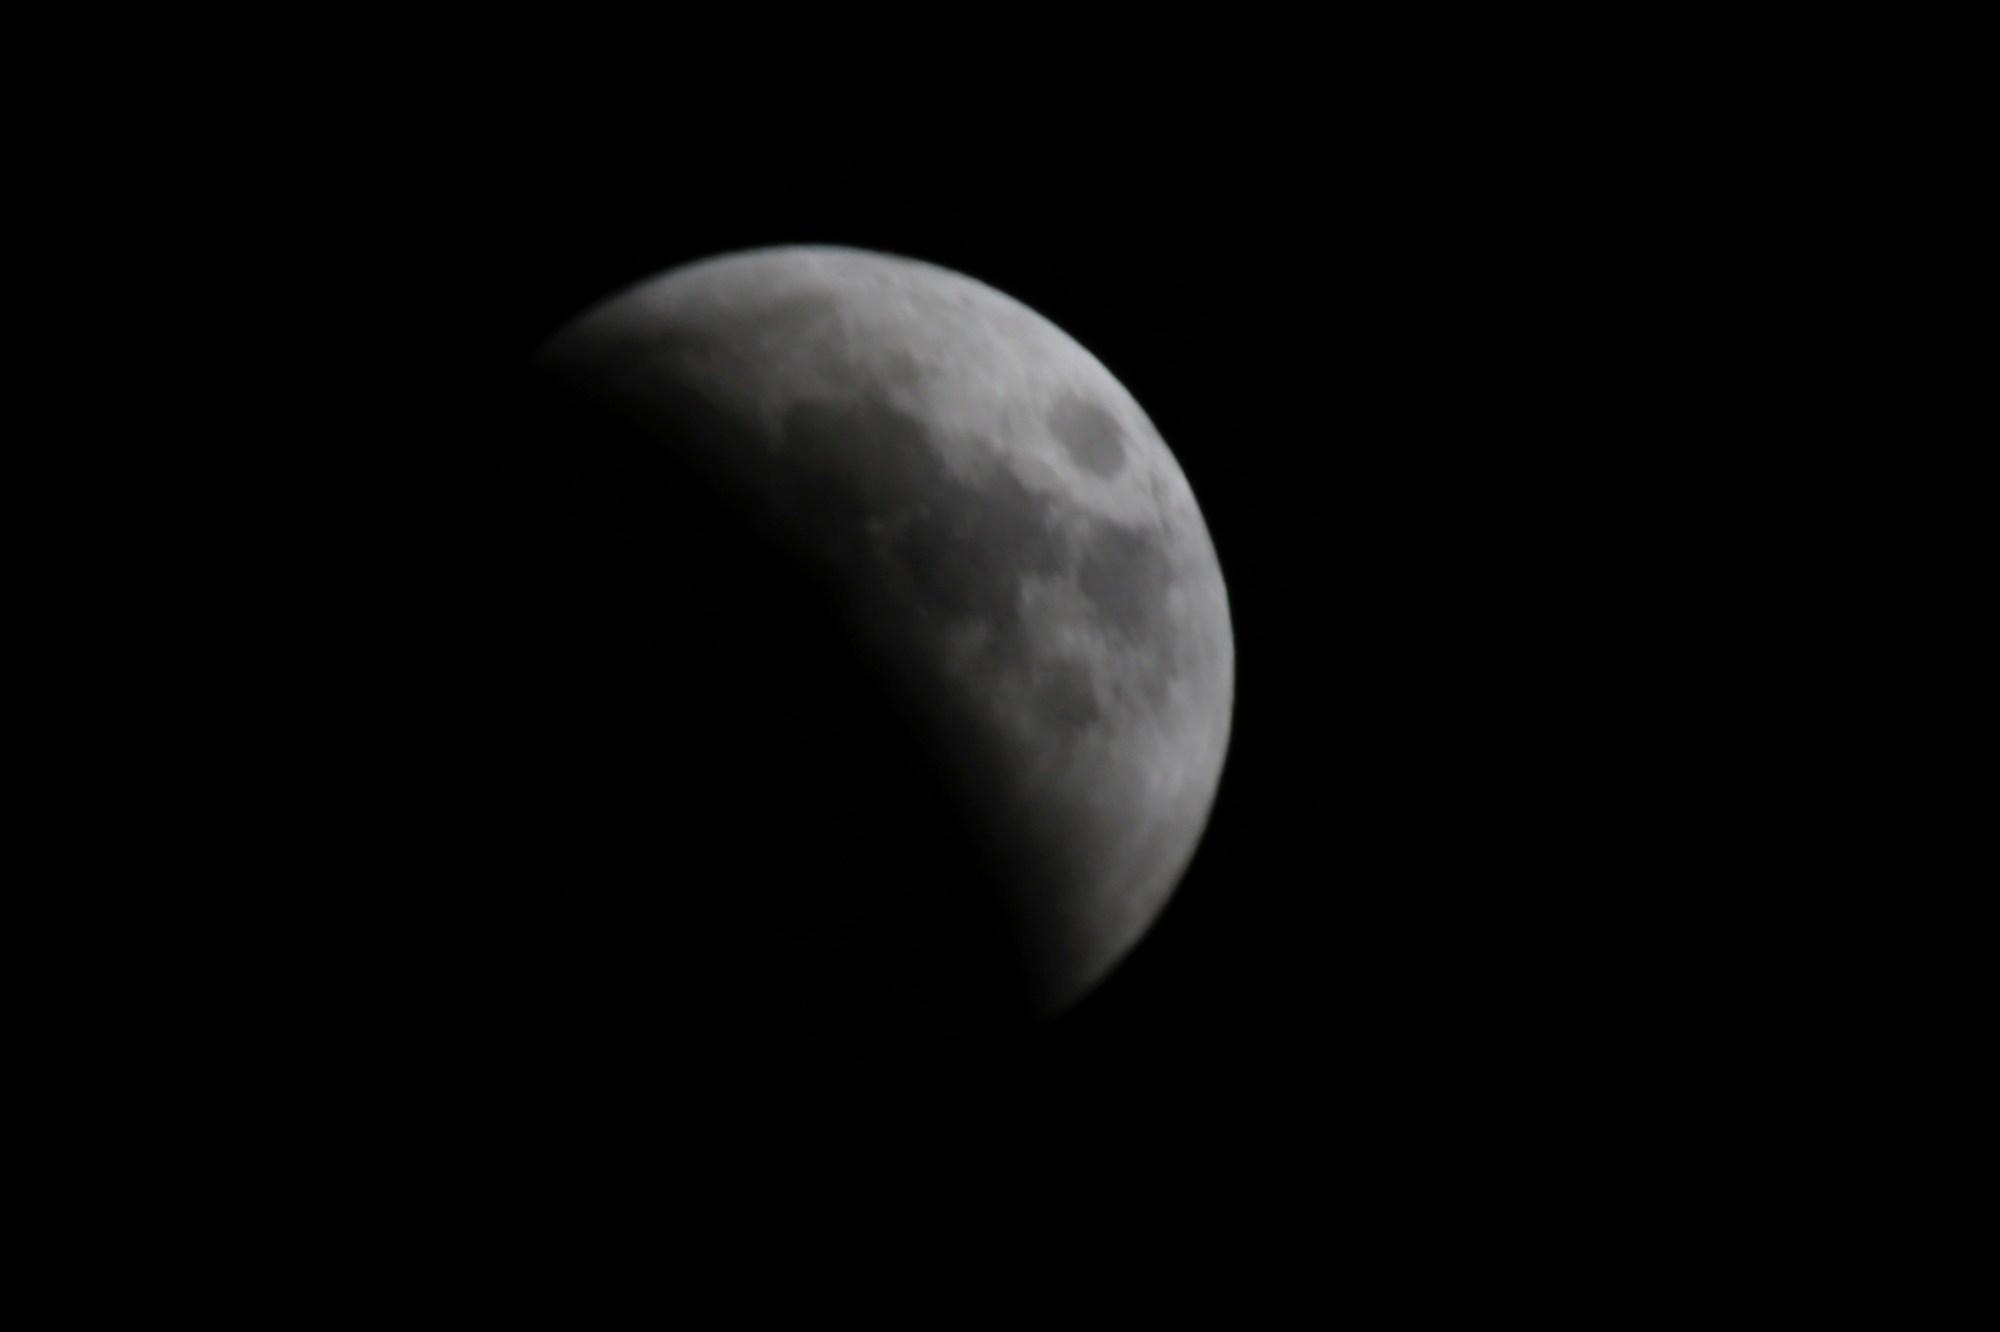 Israel_Lunar_Eclipse_90961-159532.jpg53613219